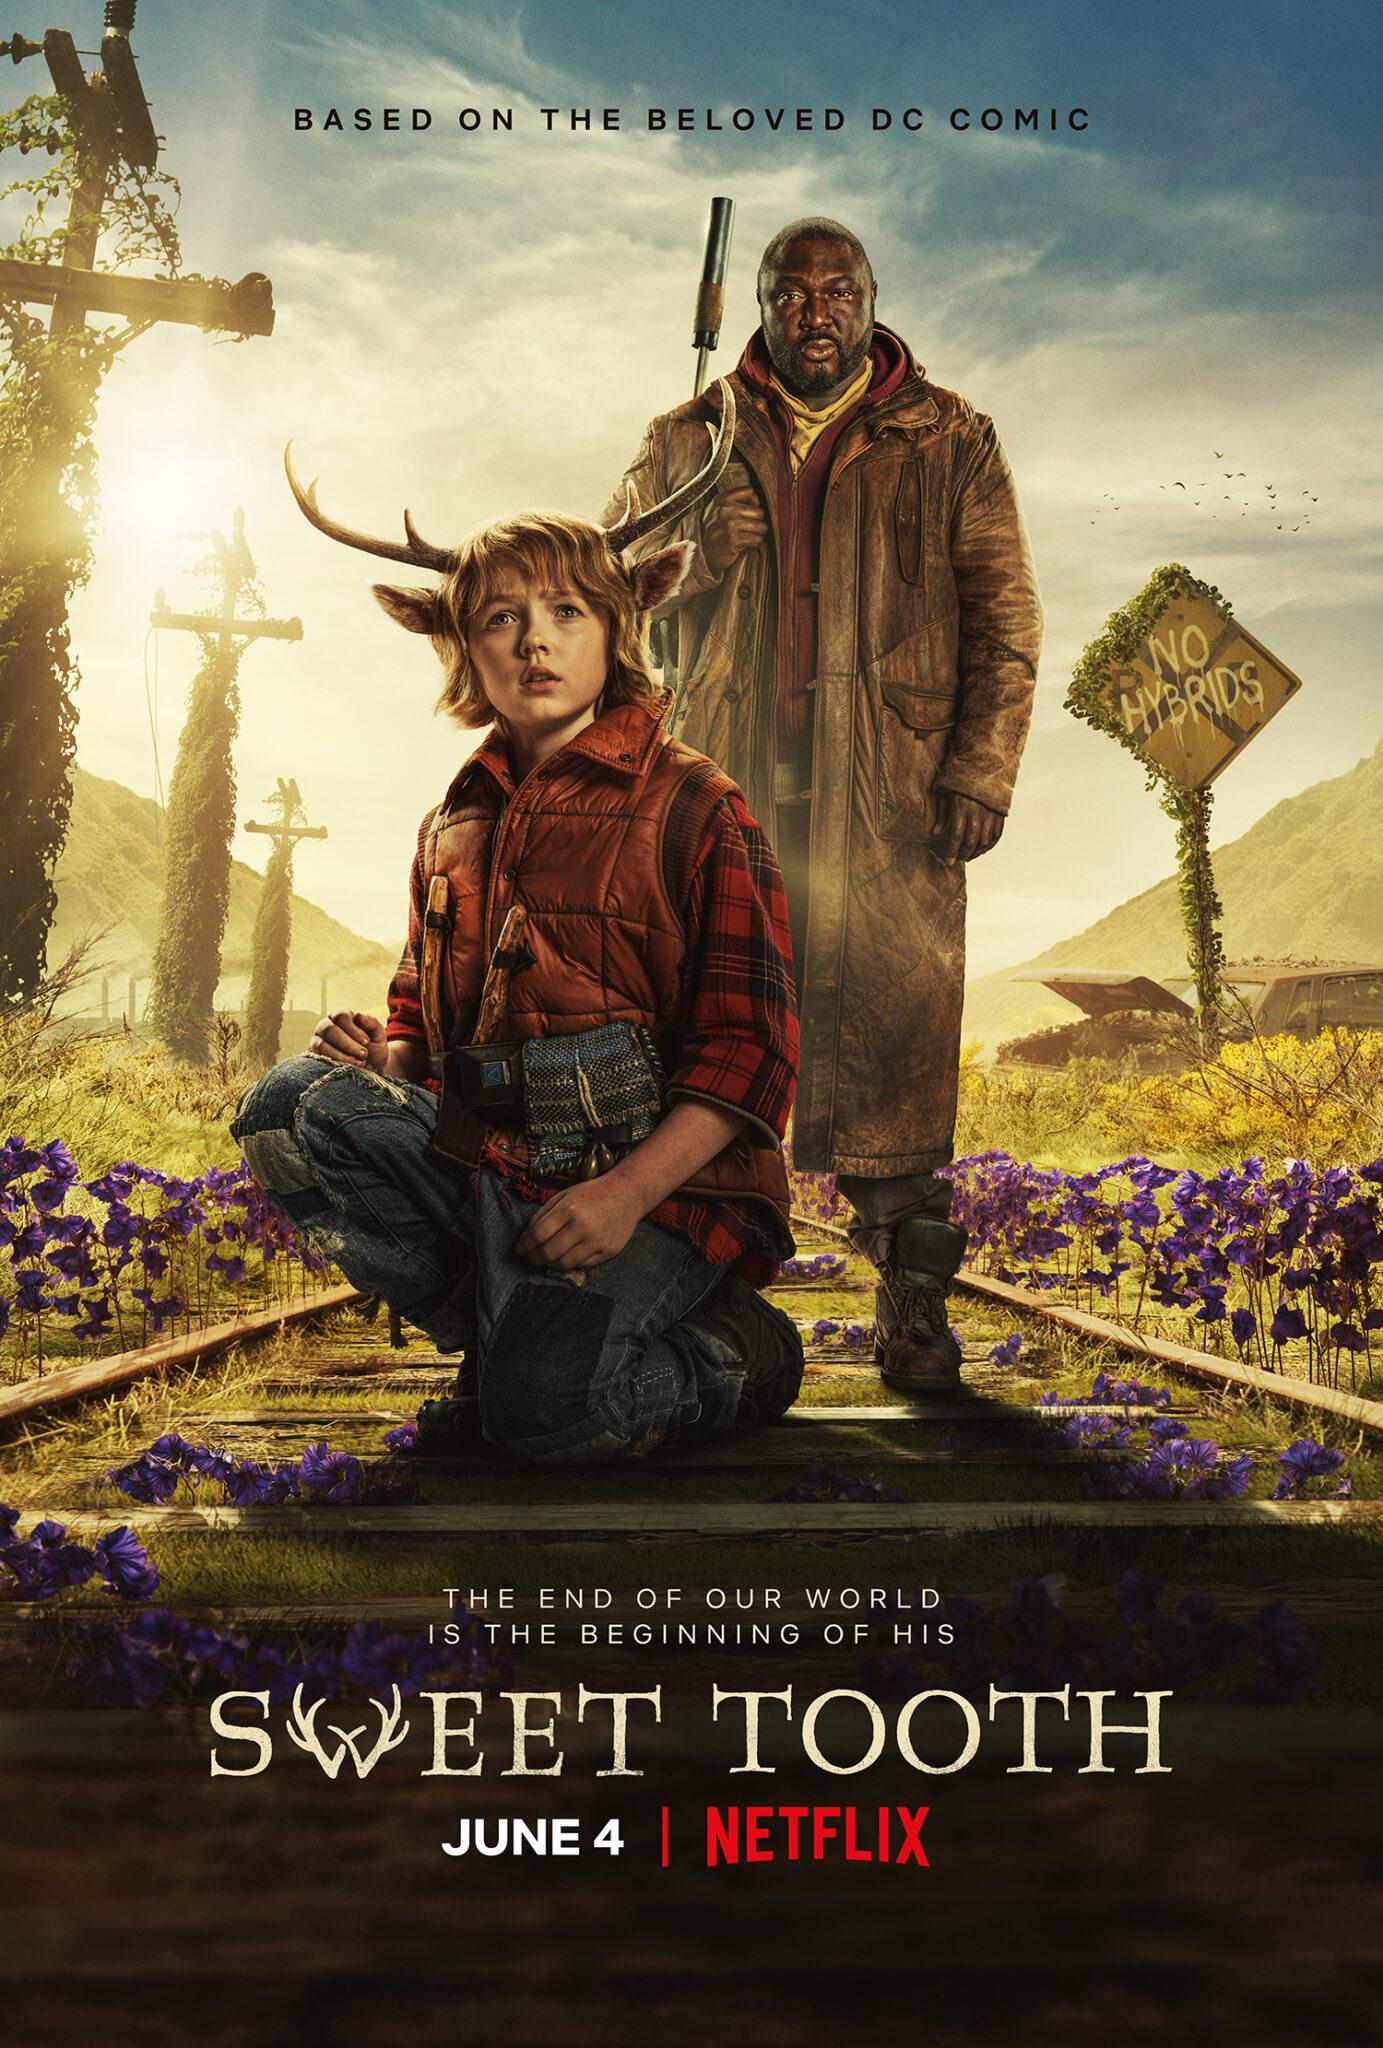 Das englische Plakat zu Sweet Tooth zeigt den Protagonisten Gus und seinen Begleiter, den großen Mann, auf einem Gleis. Um sie herum wachsen violette Blumen.